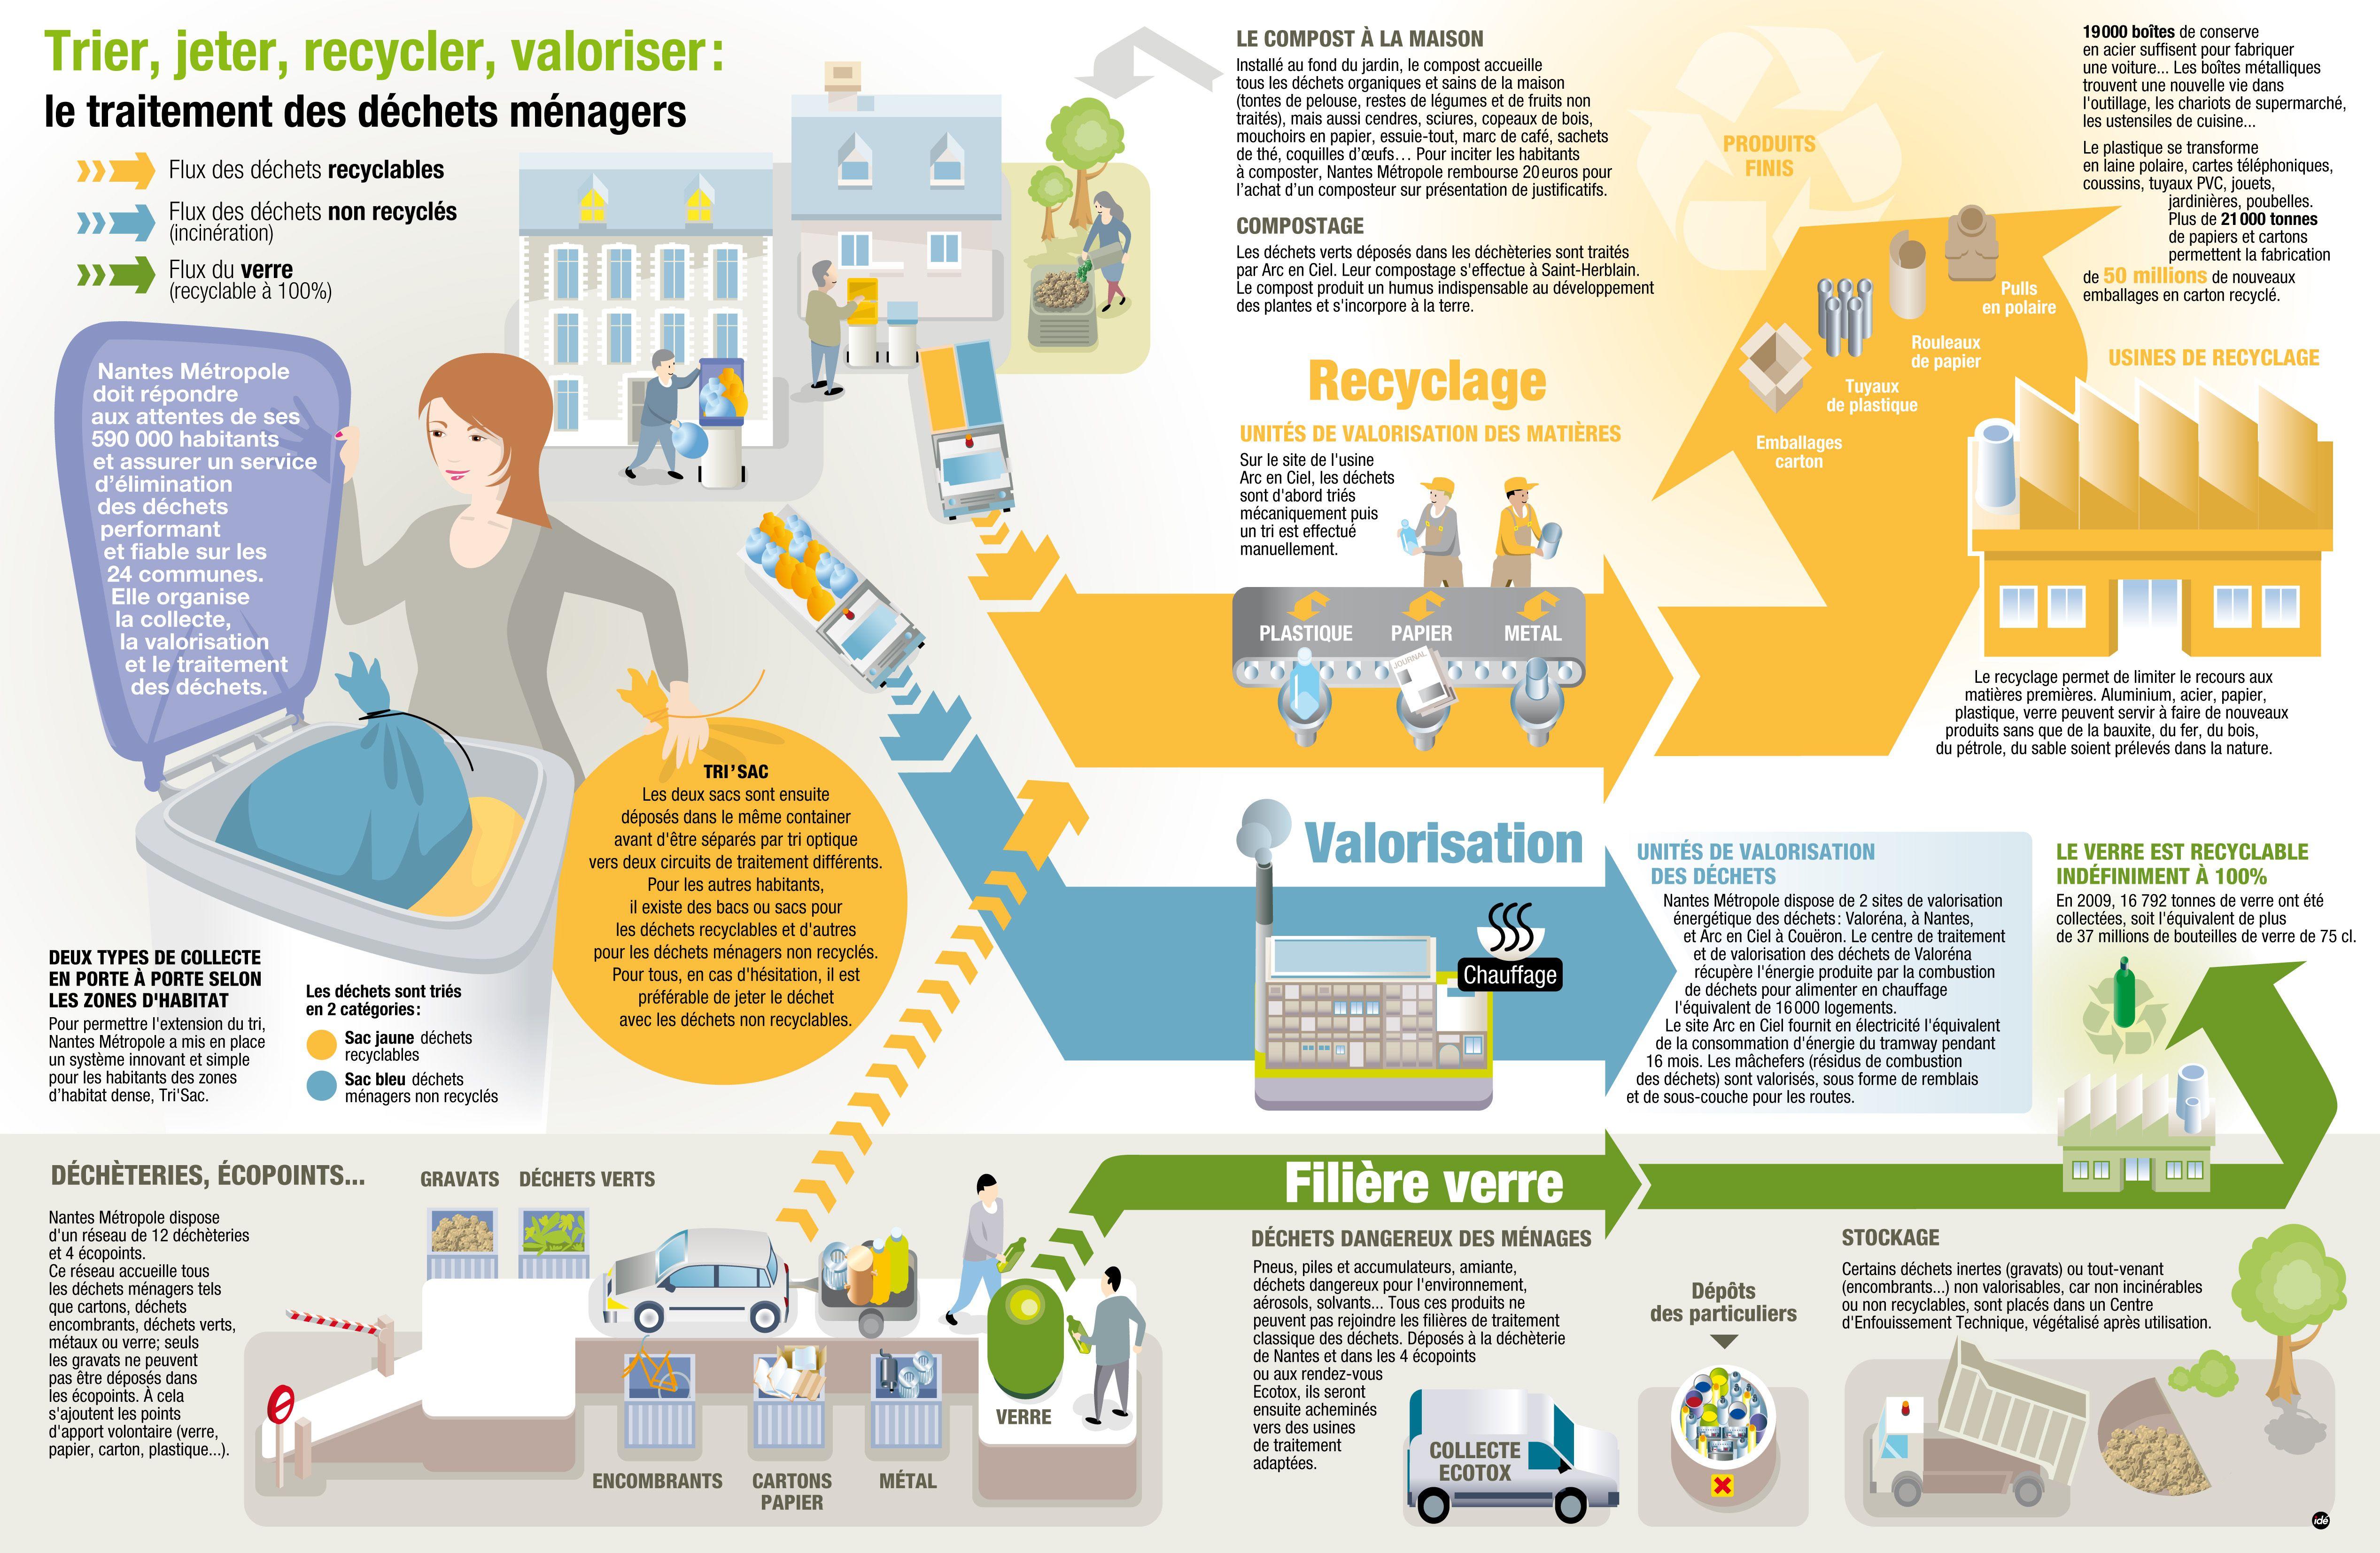 Ecoclicot Il Y A 1 An Infographie Trier Jeter Recycler Valoriser Le Traitement Des Dechets Menagers Dechets Menagers Developpement Durable Recyclage